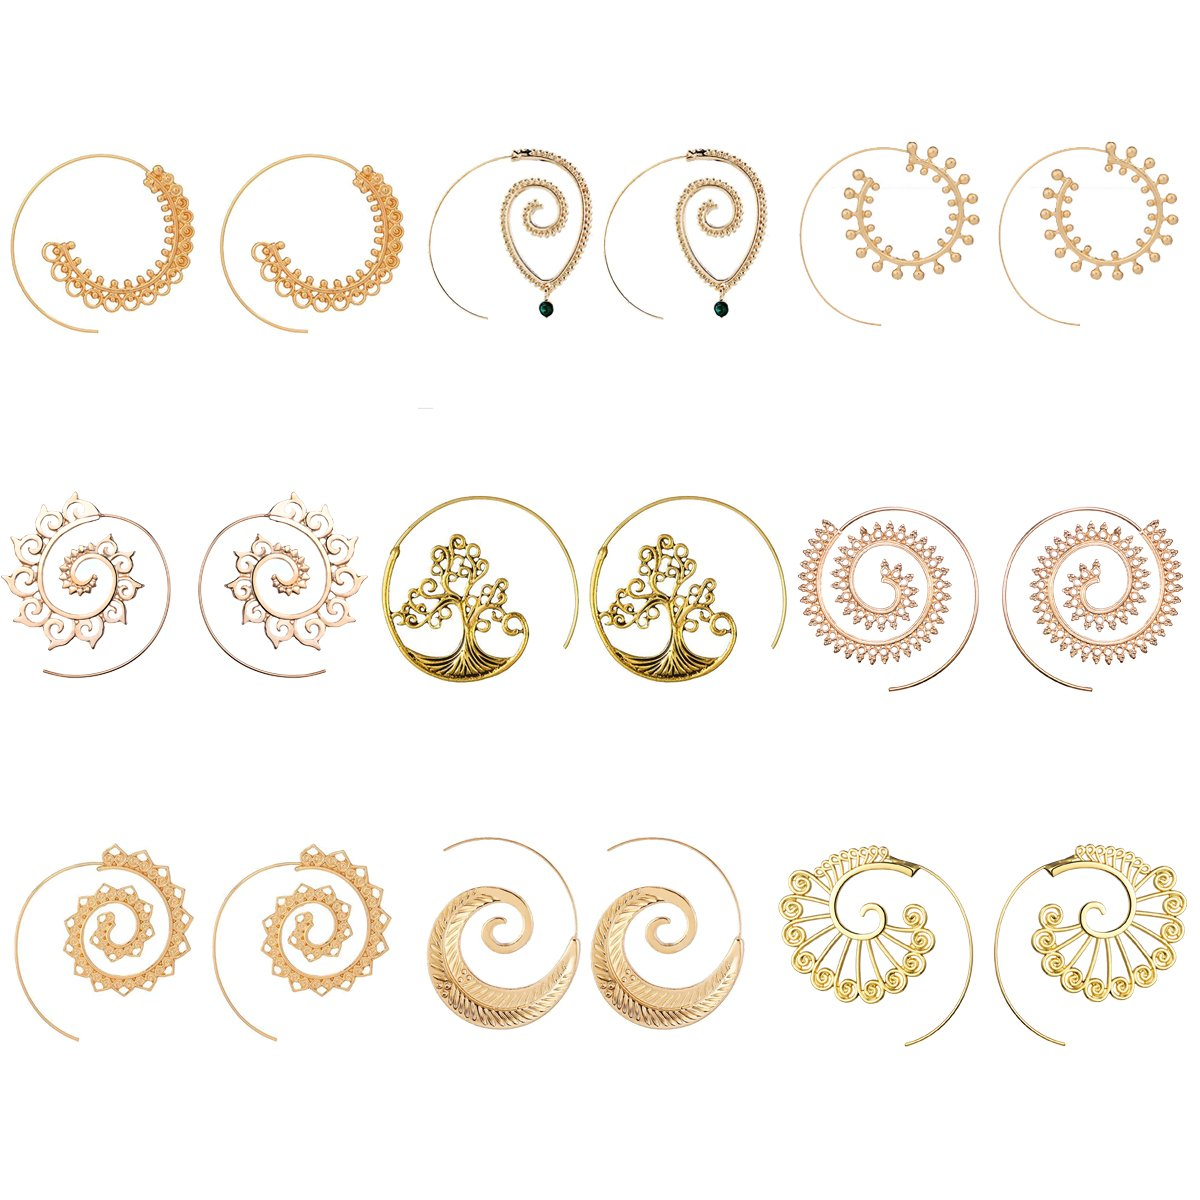 9 Pairs Golden Bohemian Vintage Tribal Swirl Spiral Hoop Earrings Set For Women (golden)